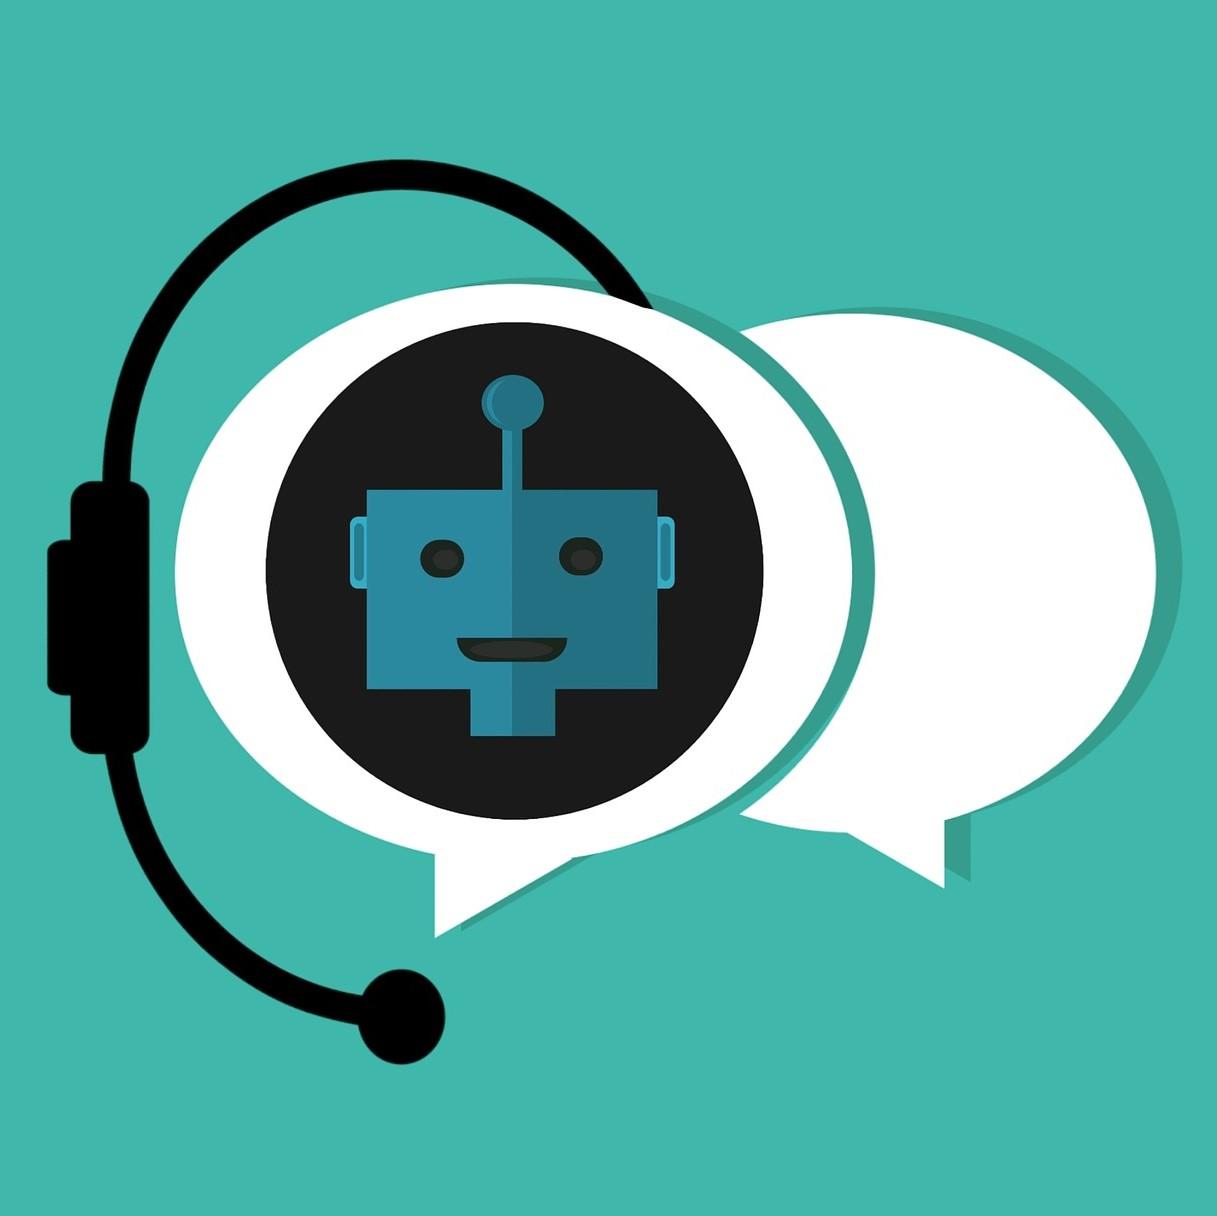 Illustration représentant des bulles de conversation avec dans l'une d'elle un robot.